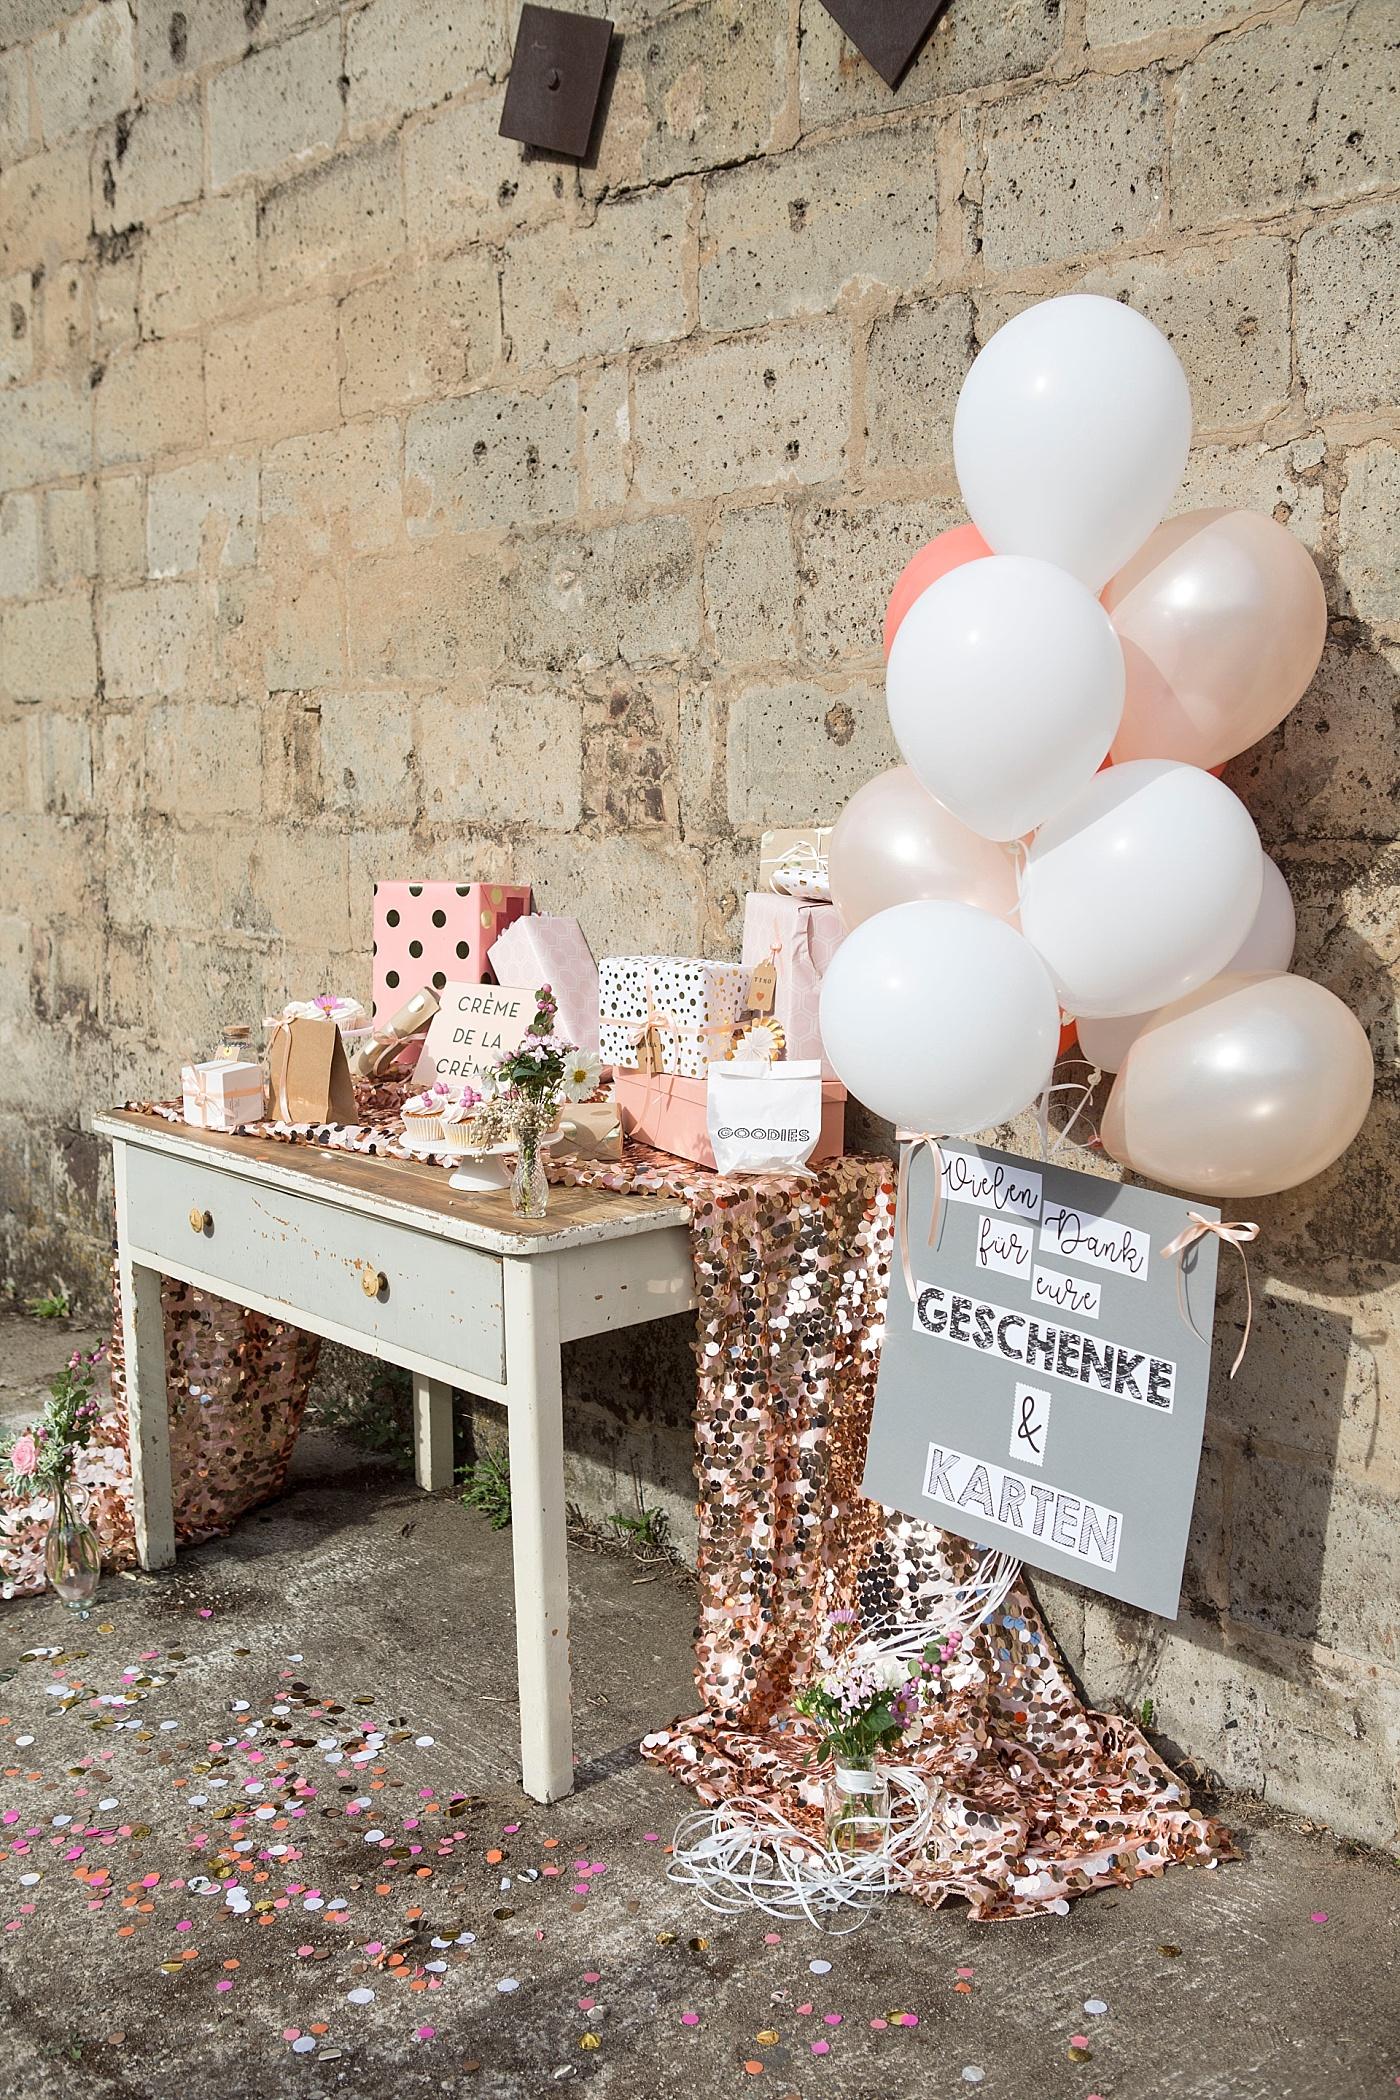 inspirationen f r eure dekoration vom geschenketisch bis zum sweet table hochzeitsblog the. Black Bedroom Furniture Sets. Home Design Ideas